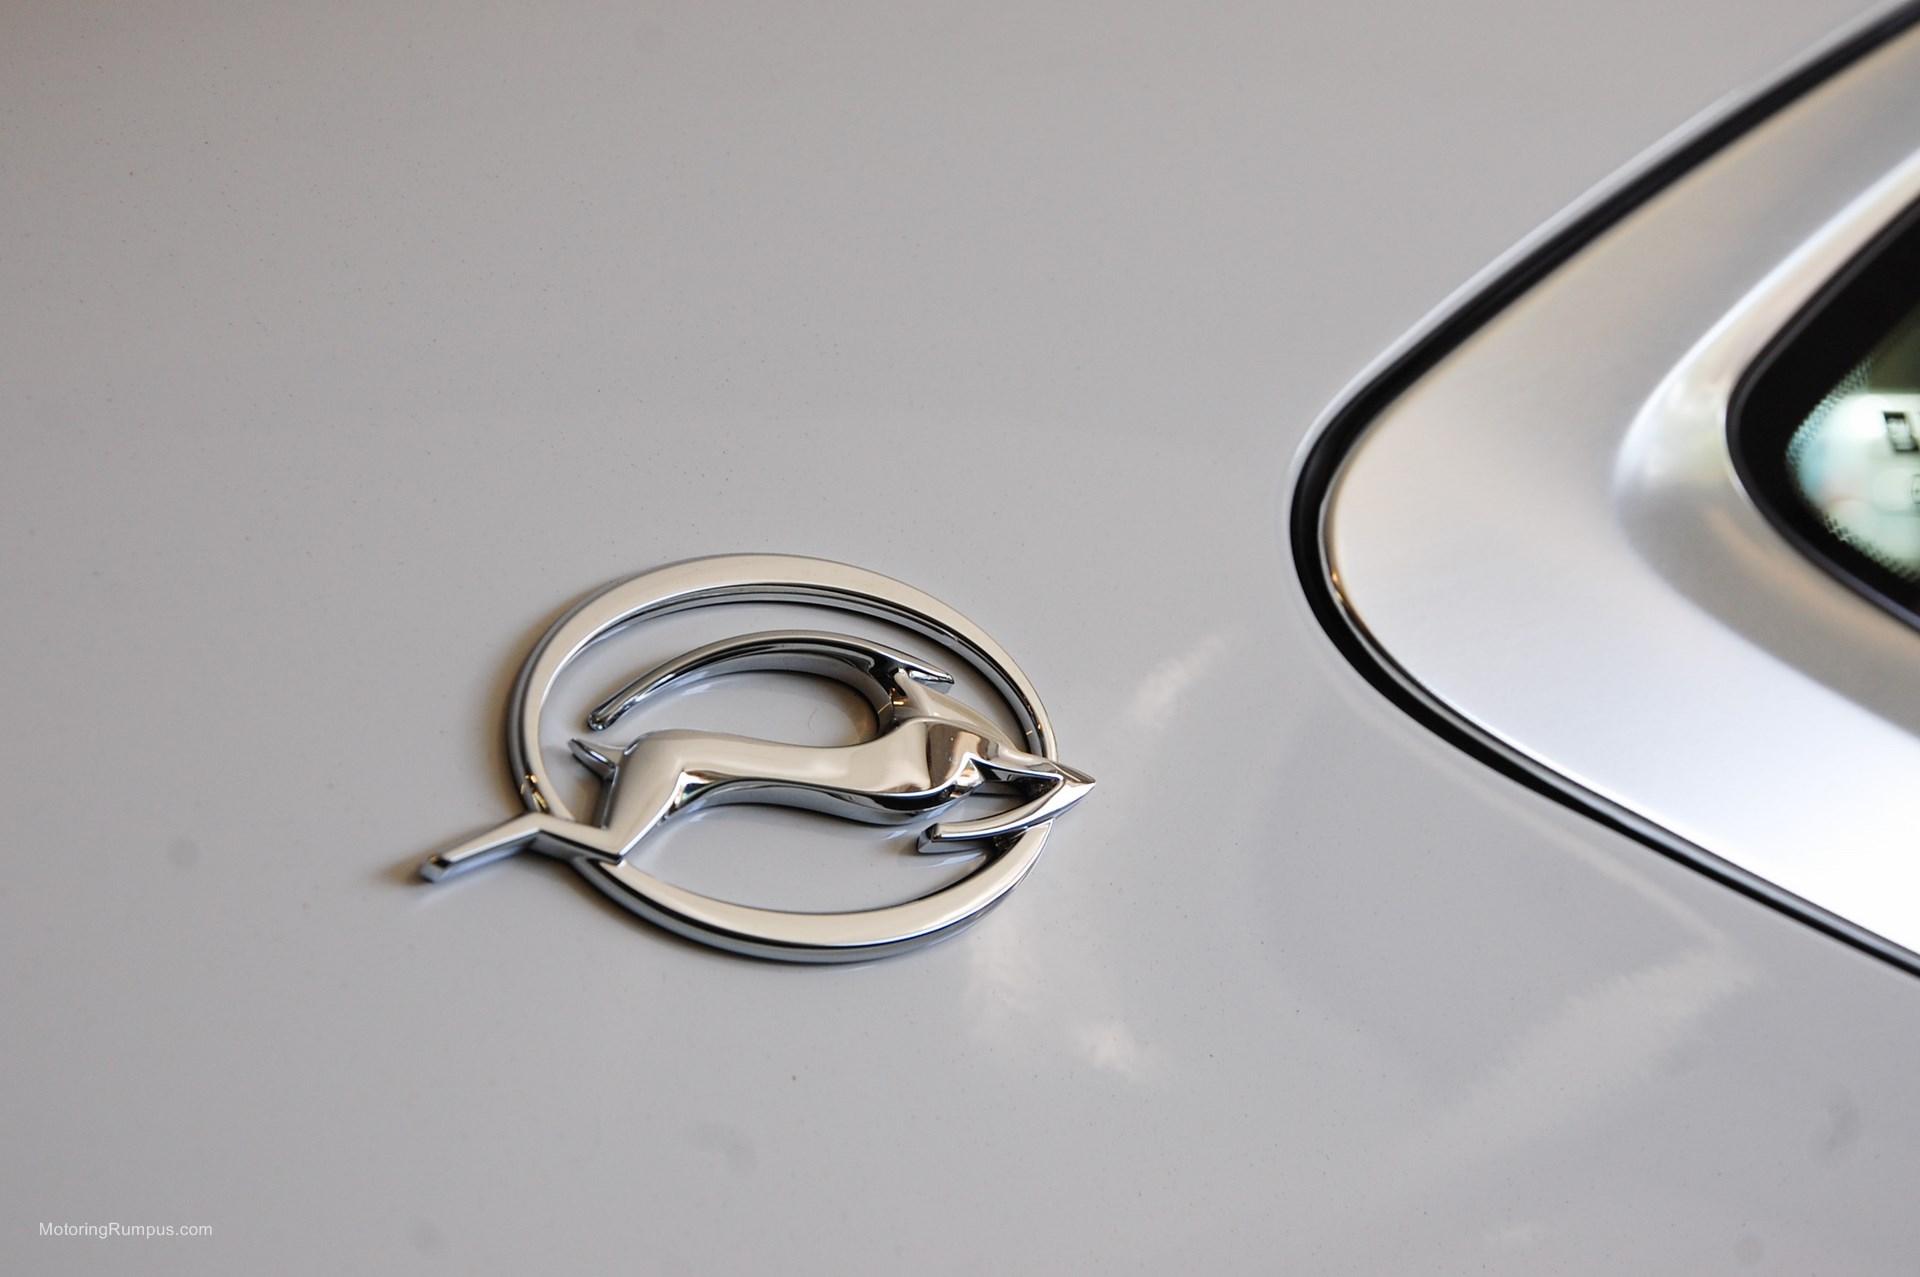 2014 Chevy Impala Emblem